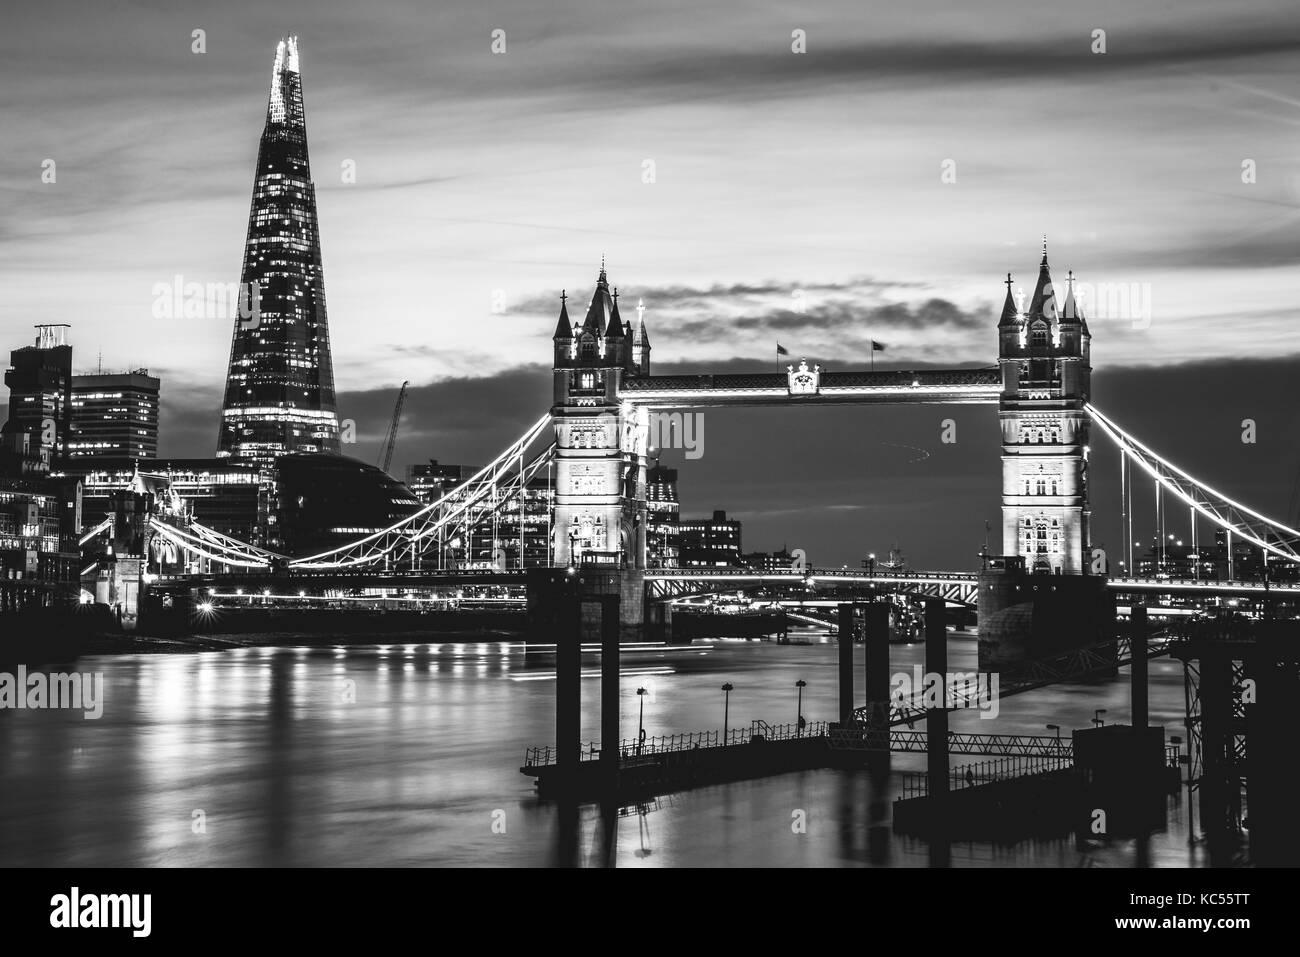 Themse, Tower Bridge, le shard, scène de nuit, éclairé, vue sur l'eau, Southwark, St Katharine's Photo Stock